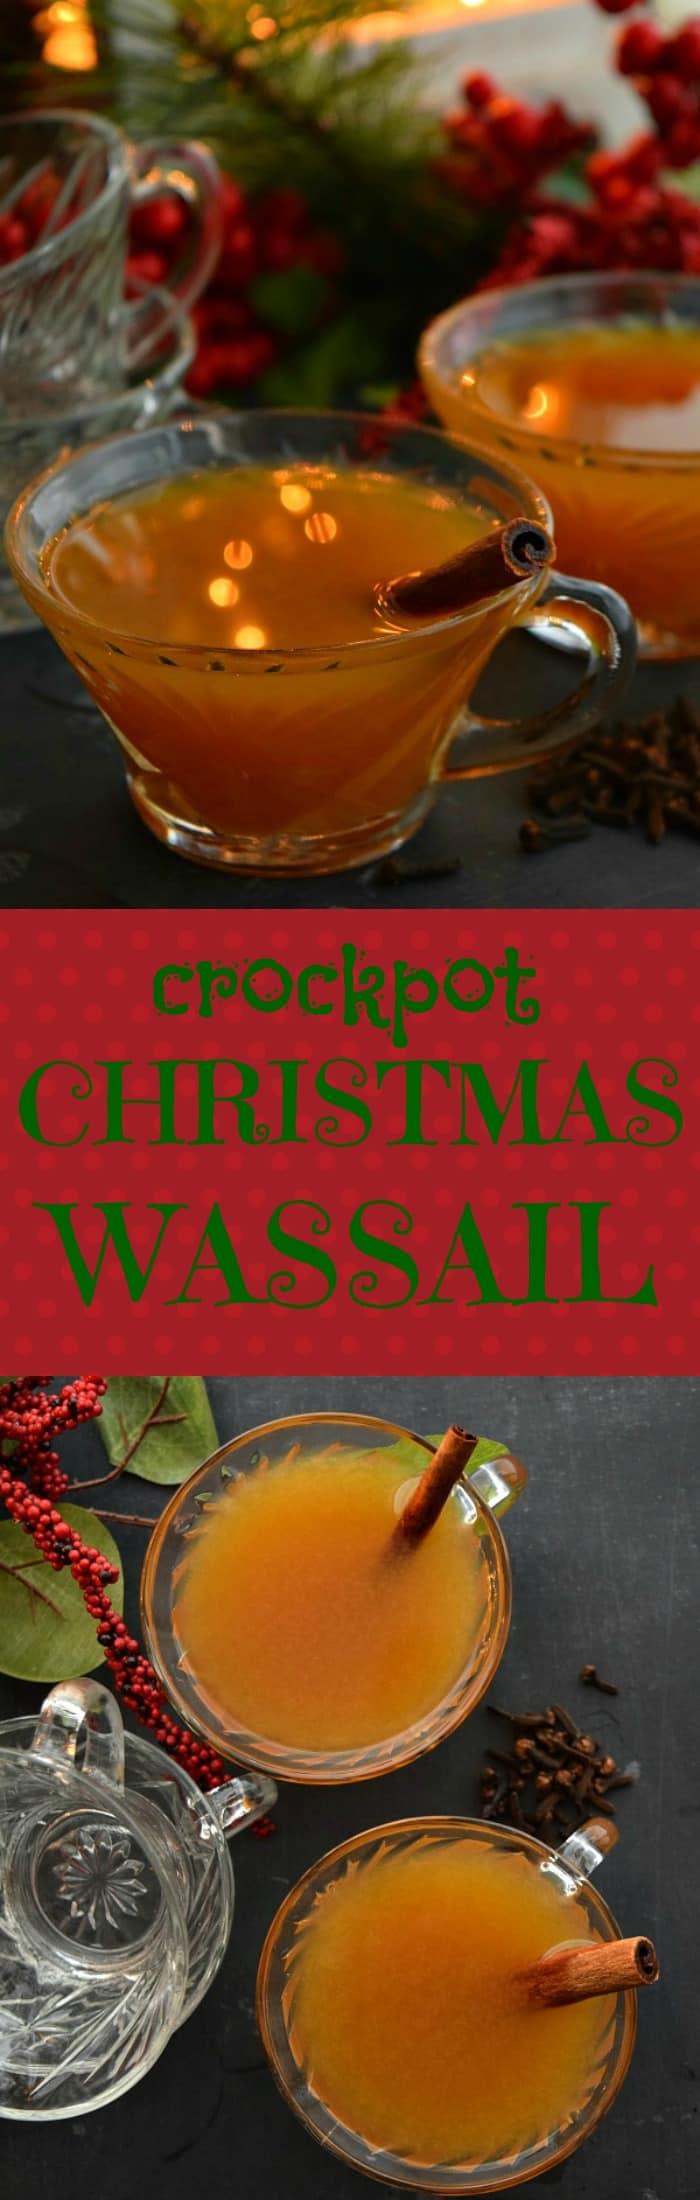 Crockpot Christmas Wassail